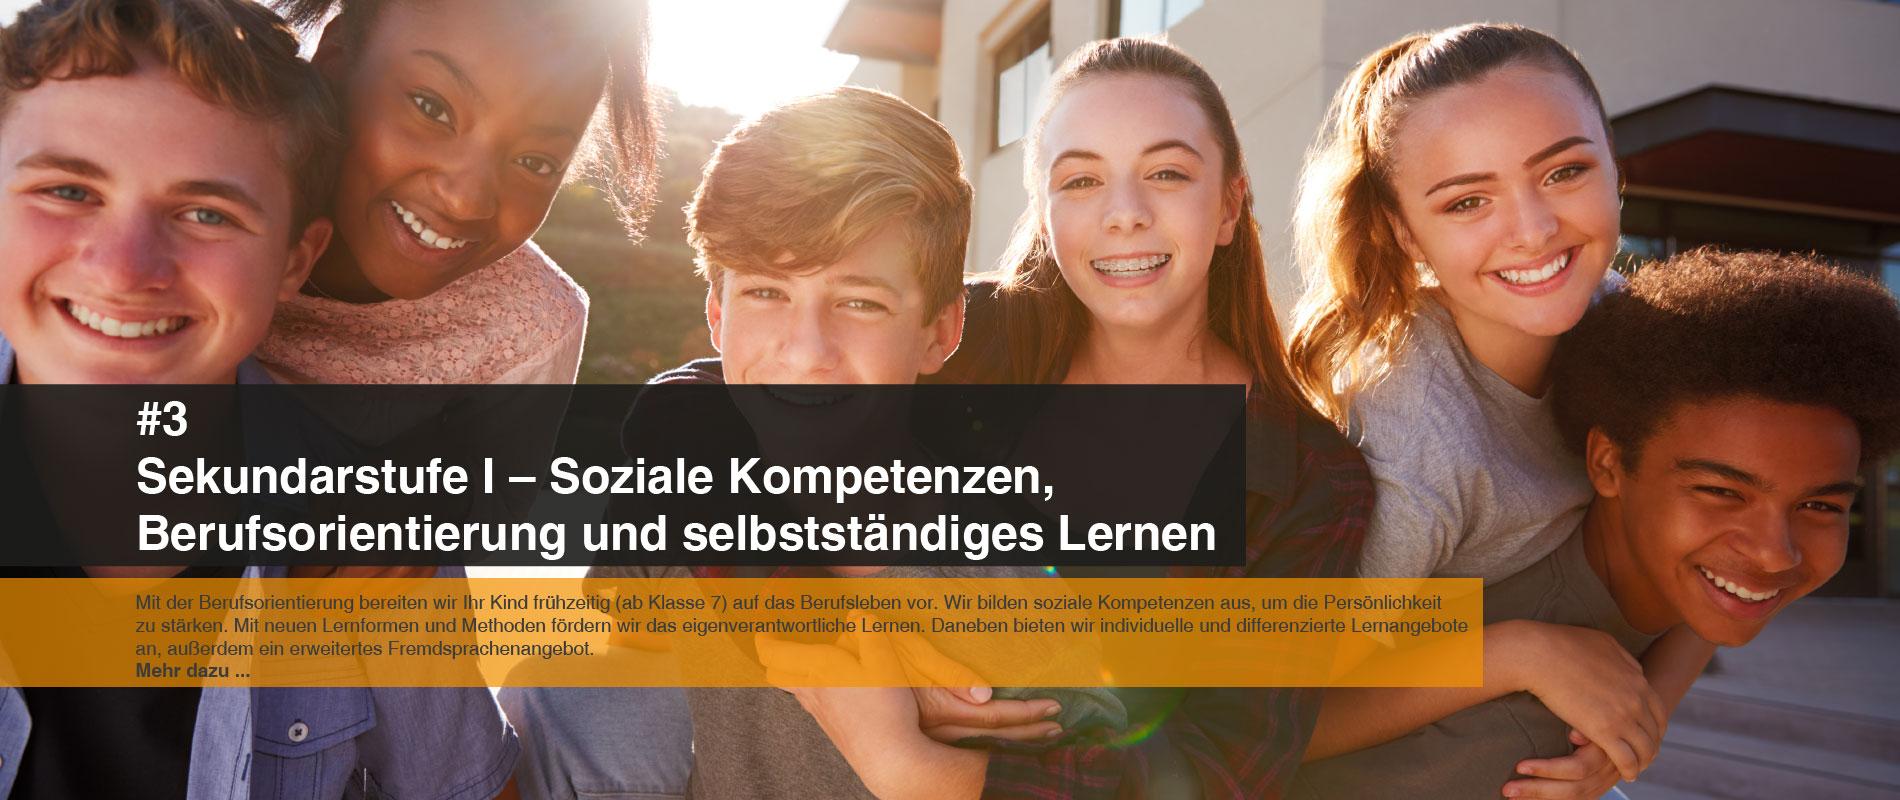 Gesamtschule Woltersdorf der FAWZ gGmbH_#3 Berufs- und kompetenzorientierte Sekundarstufe I